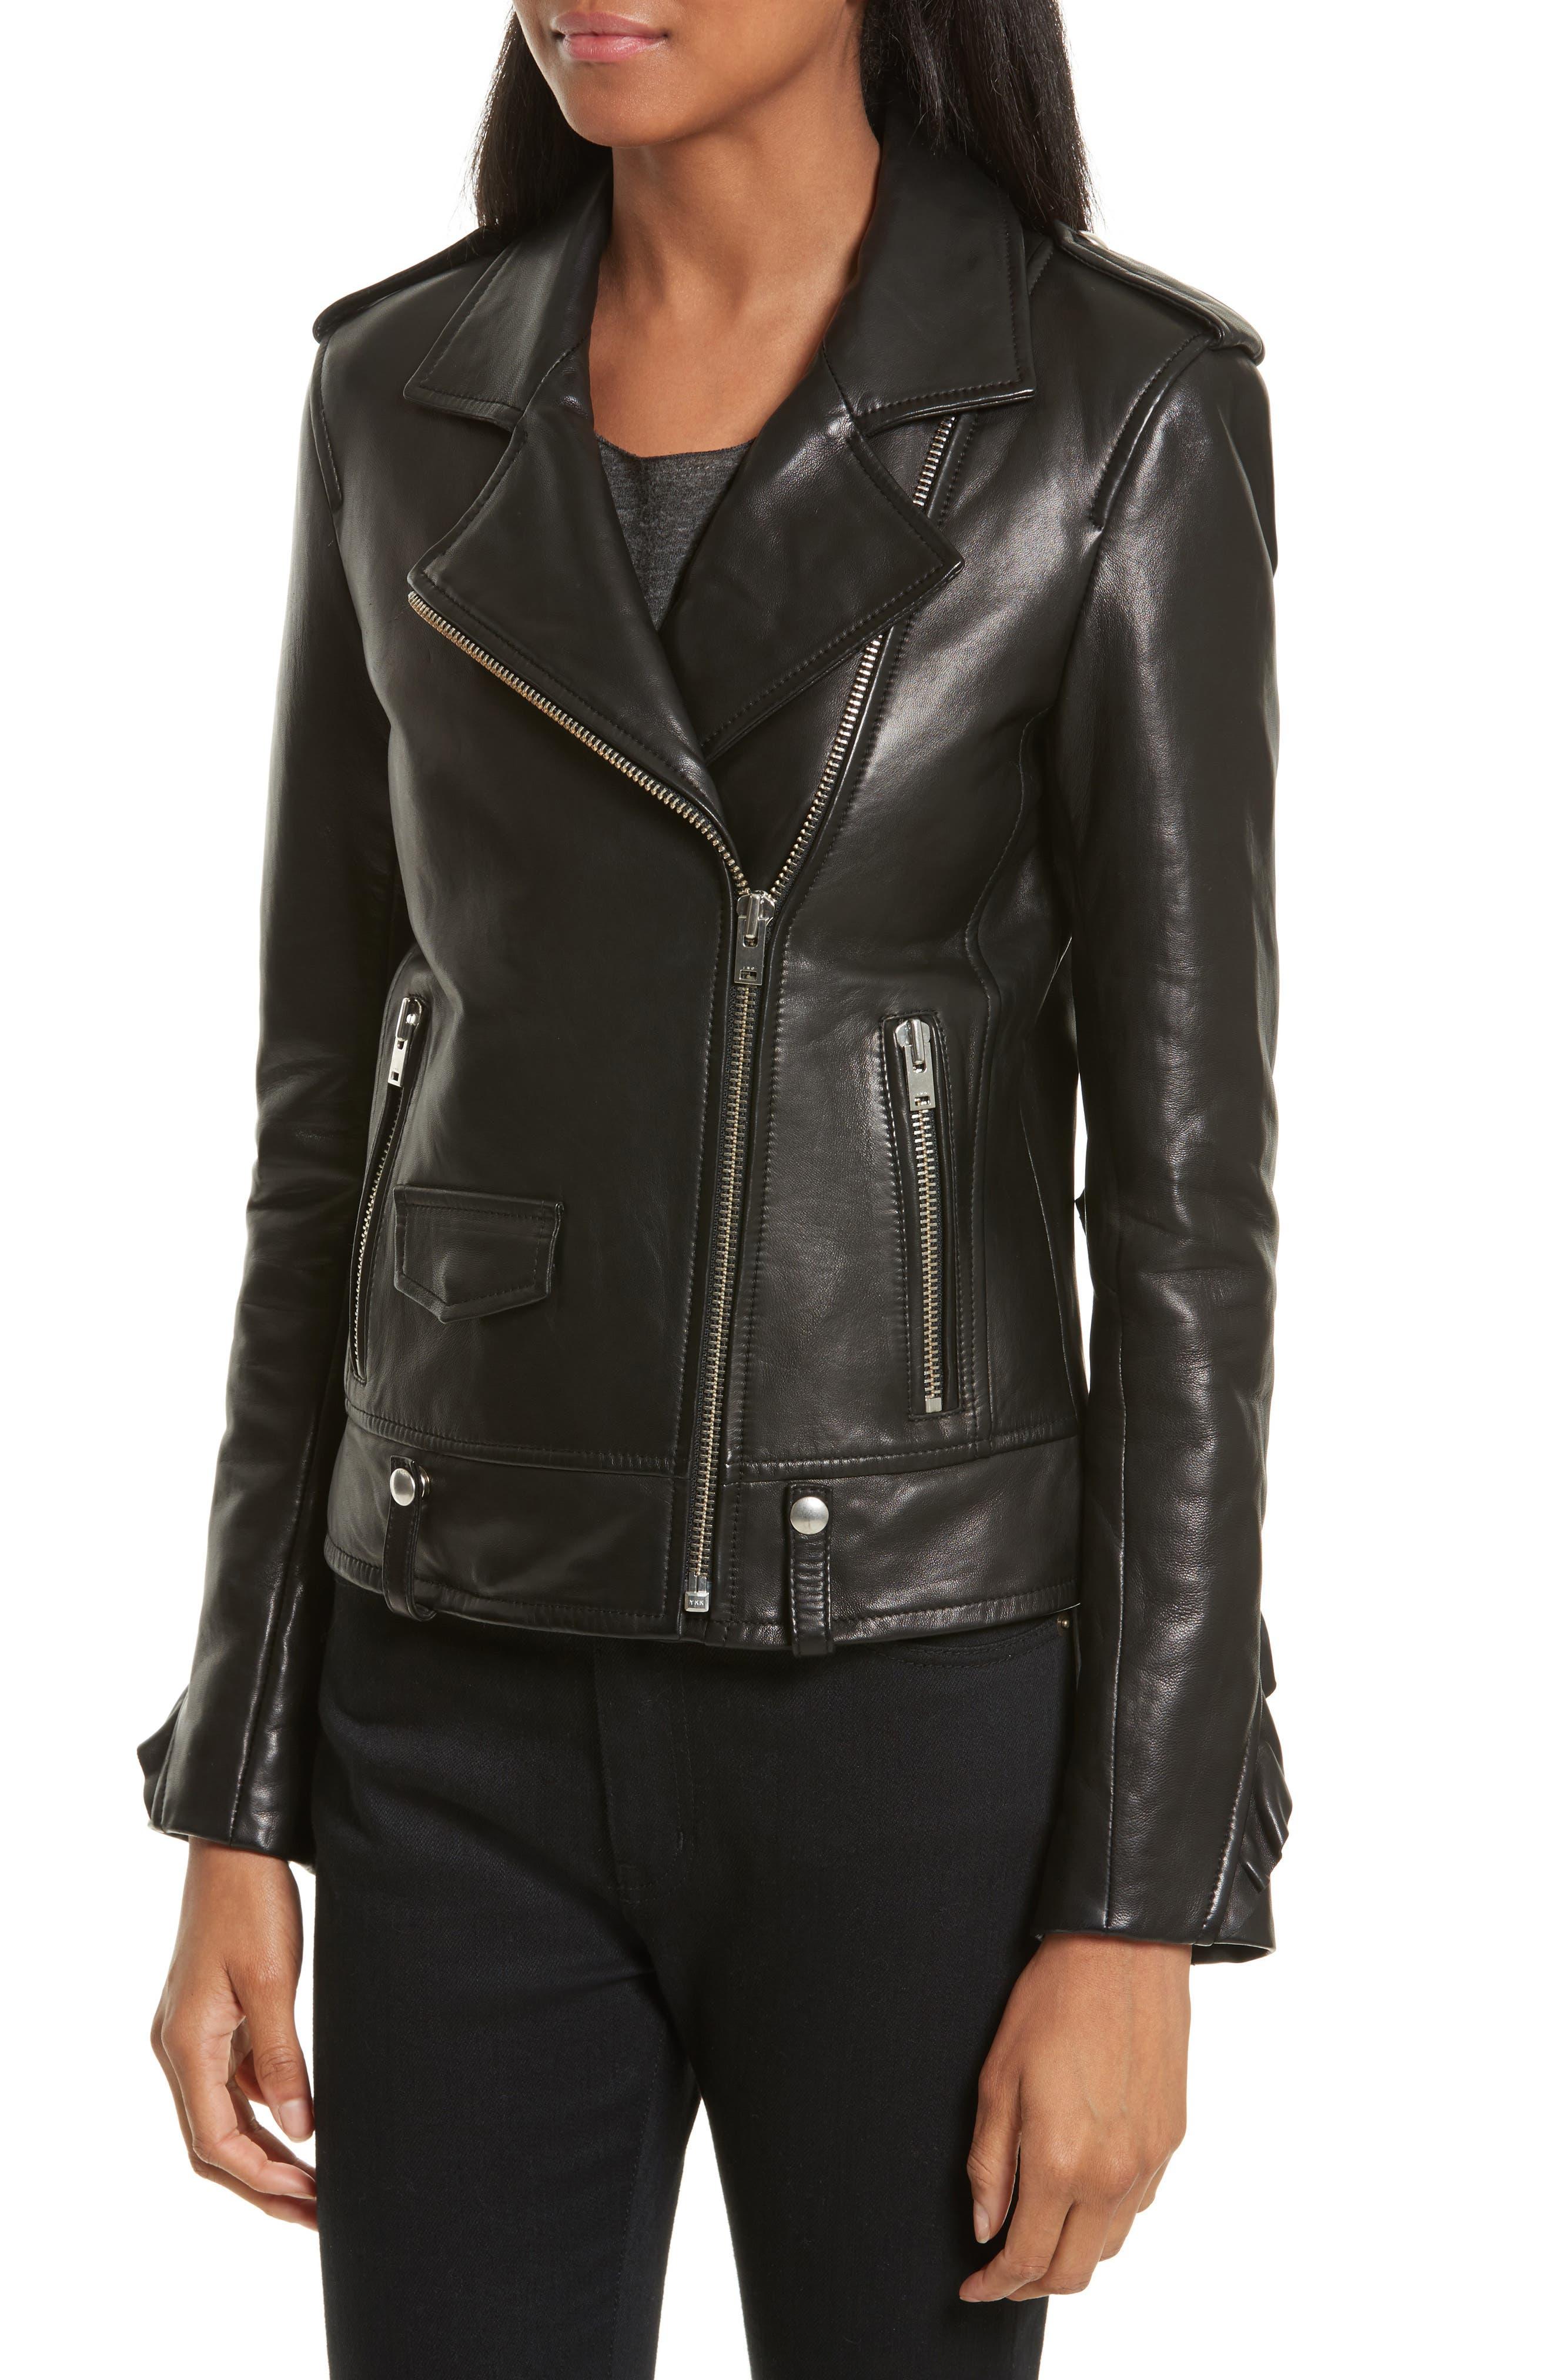 Dumont Leather Jacket,                             Alternate thumbnail 4, color,                             Black